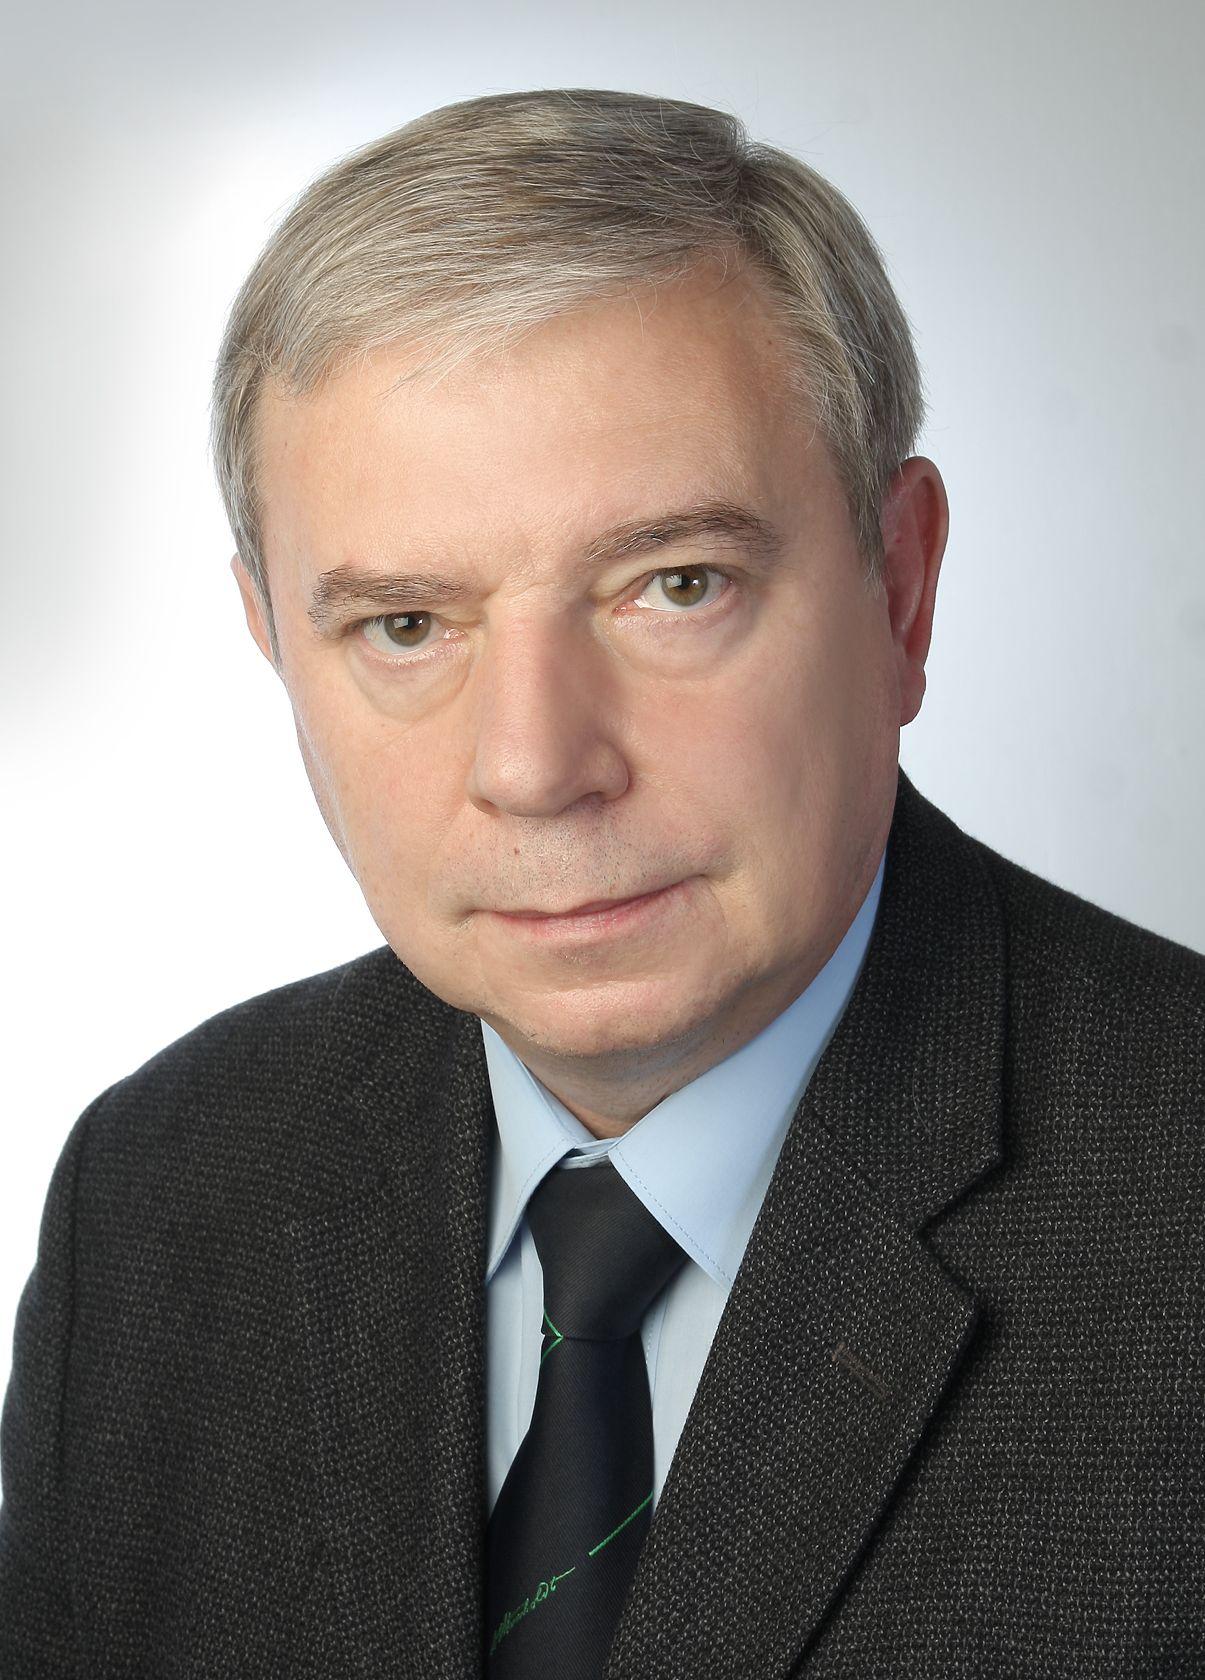 Wölfling János